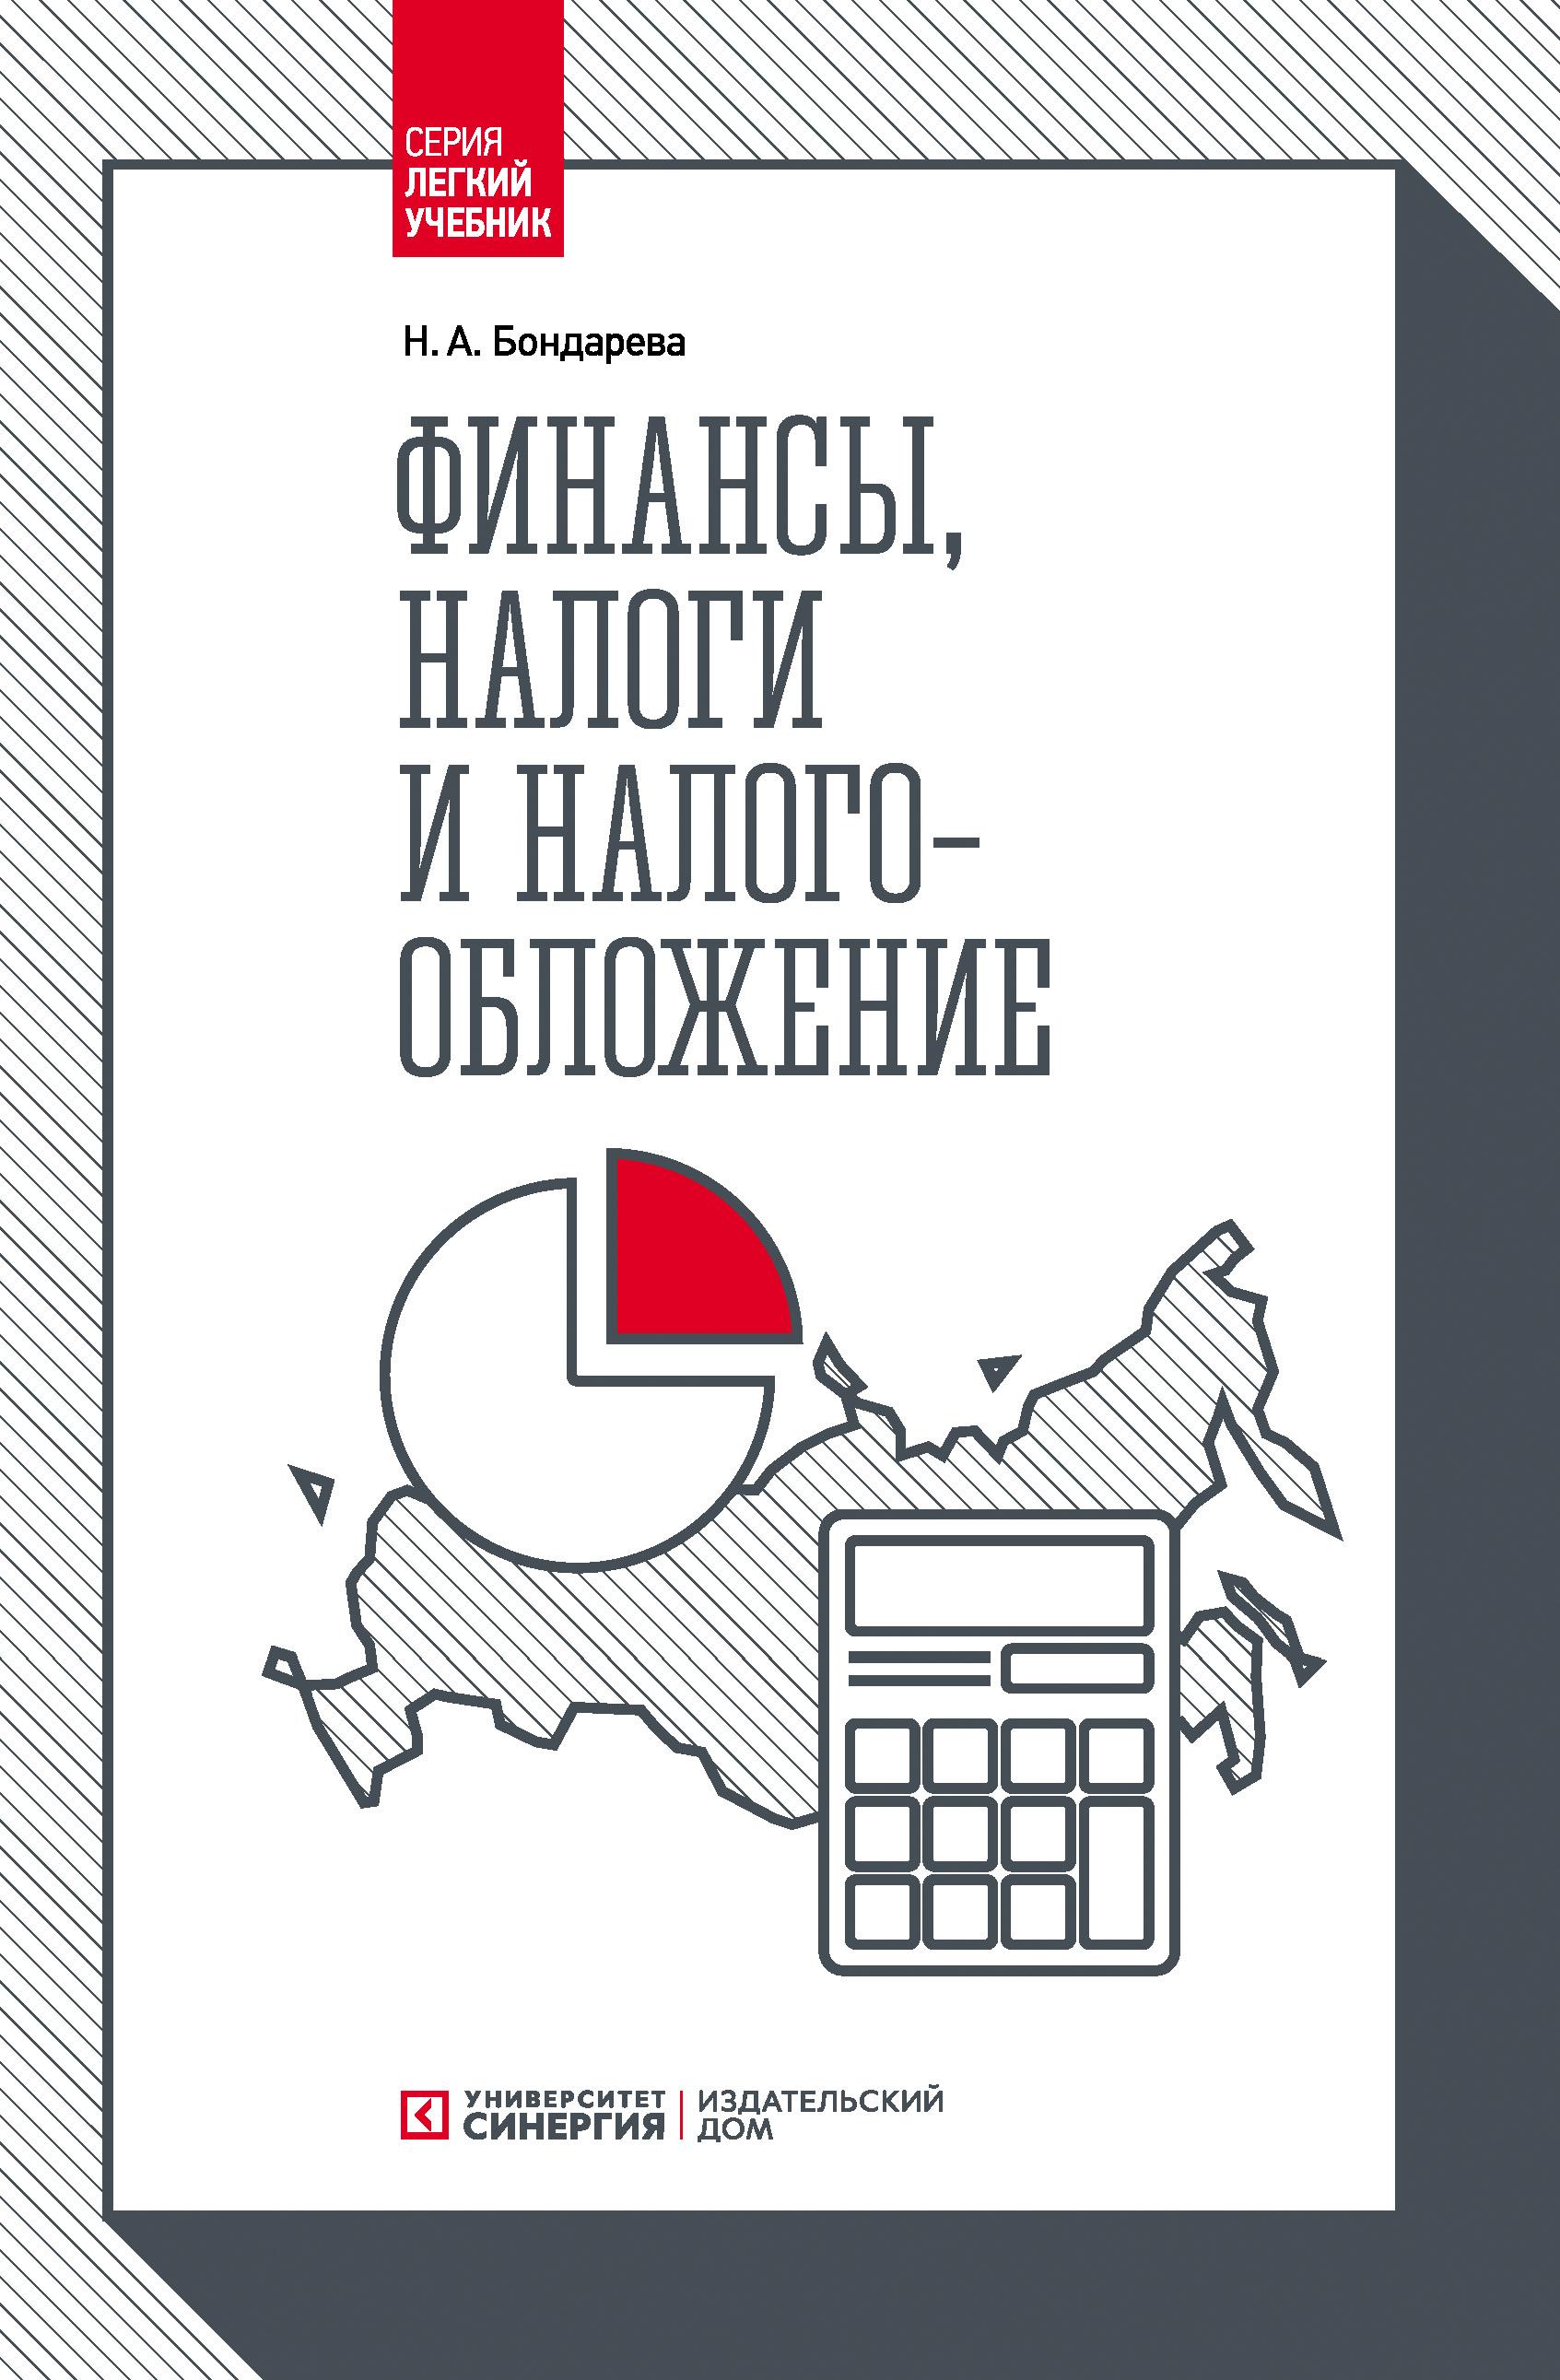 Обложка книги Финансы, налоги и налогообложение